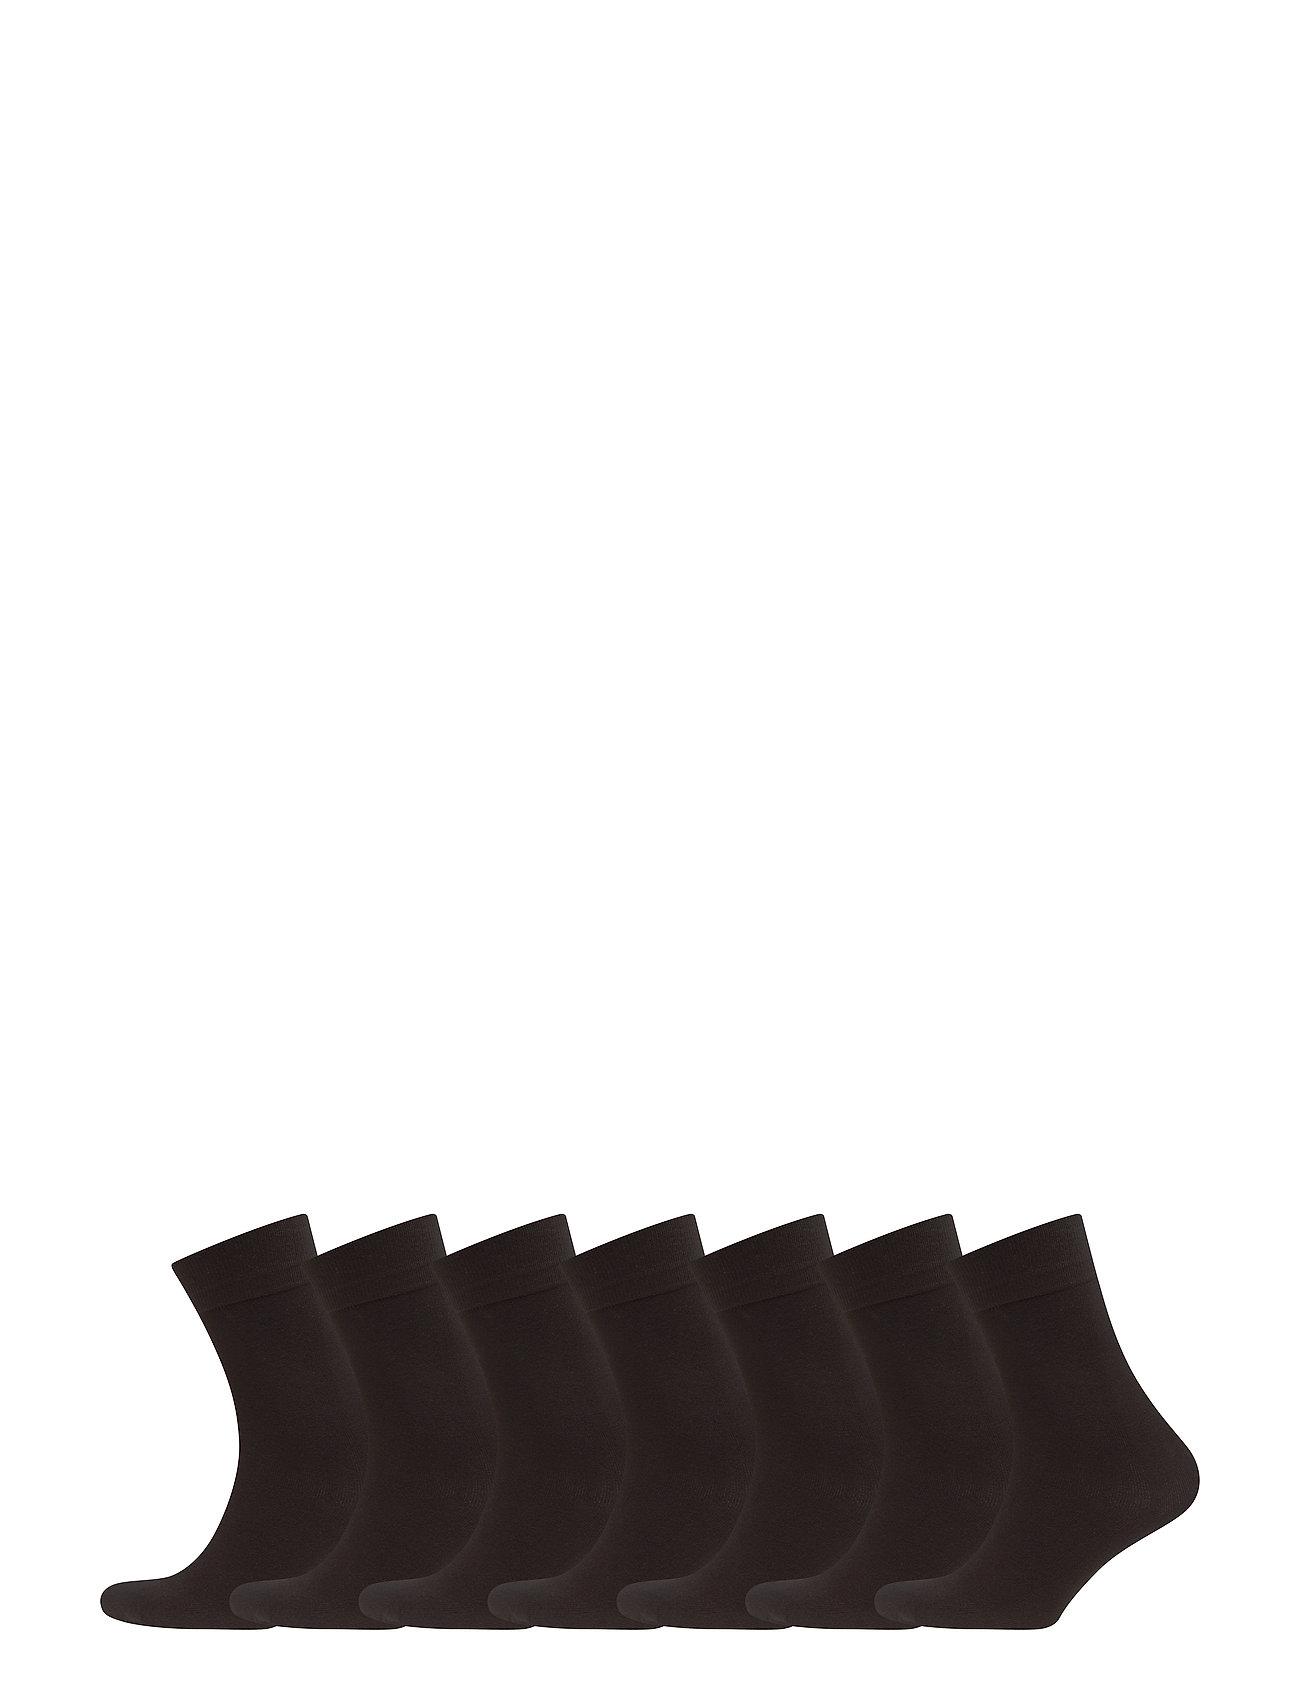 JBS JBS, socks bamboo 7 pairs box - BLACK